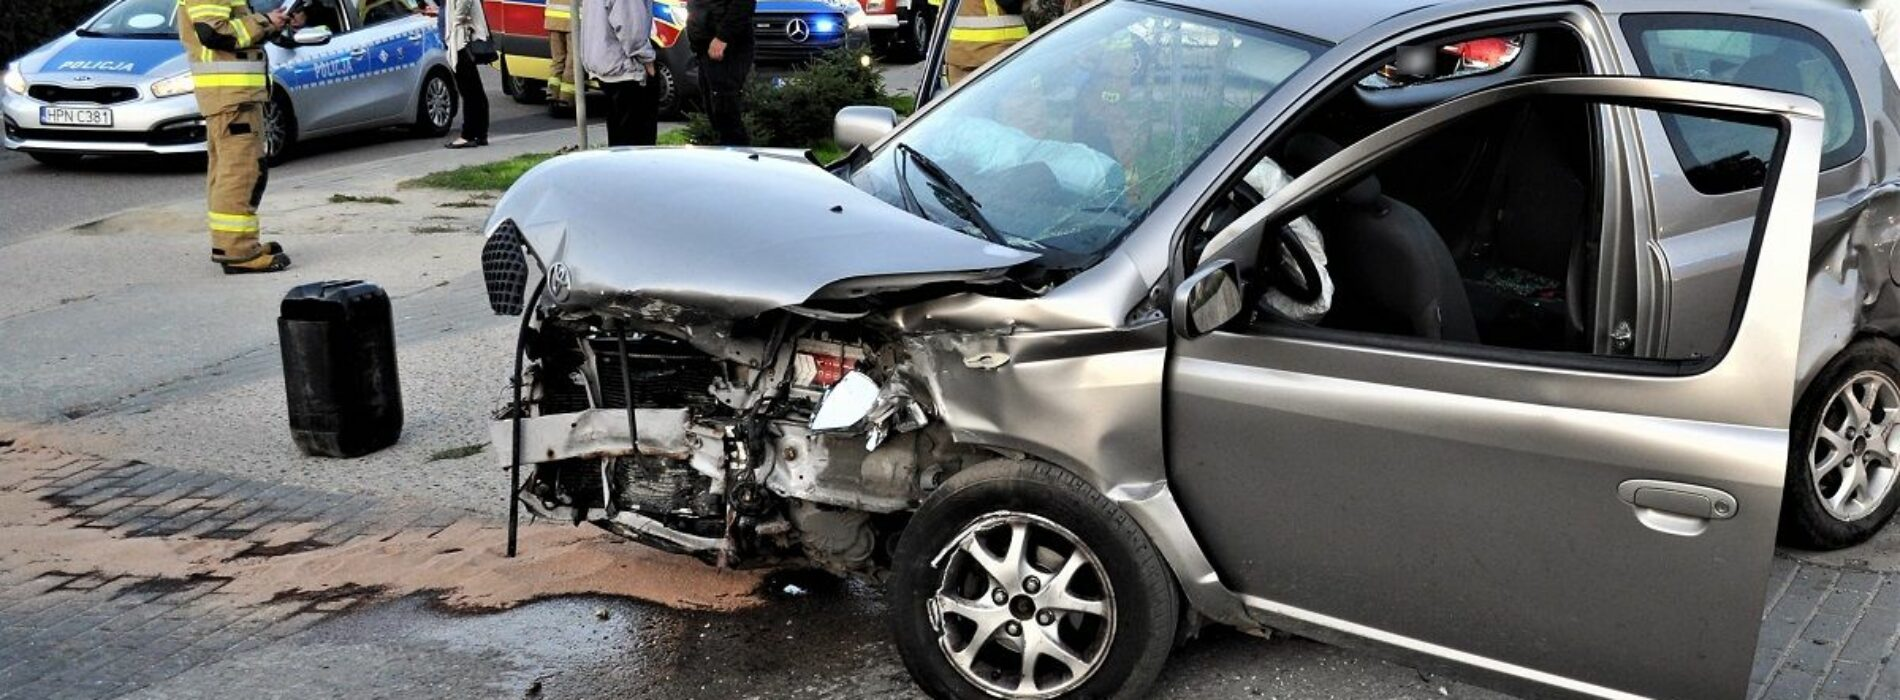 Wypadek drogowy – kierowca audi nie ustąpił pierwszeństwa